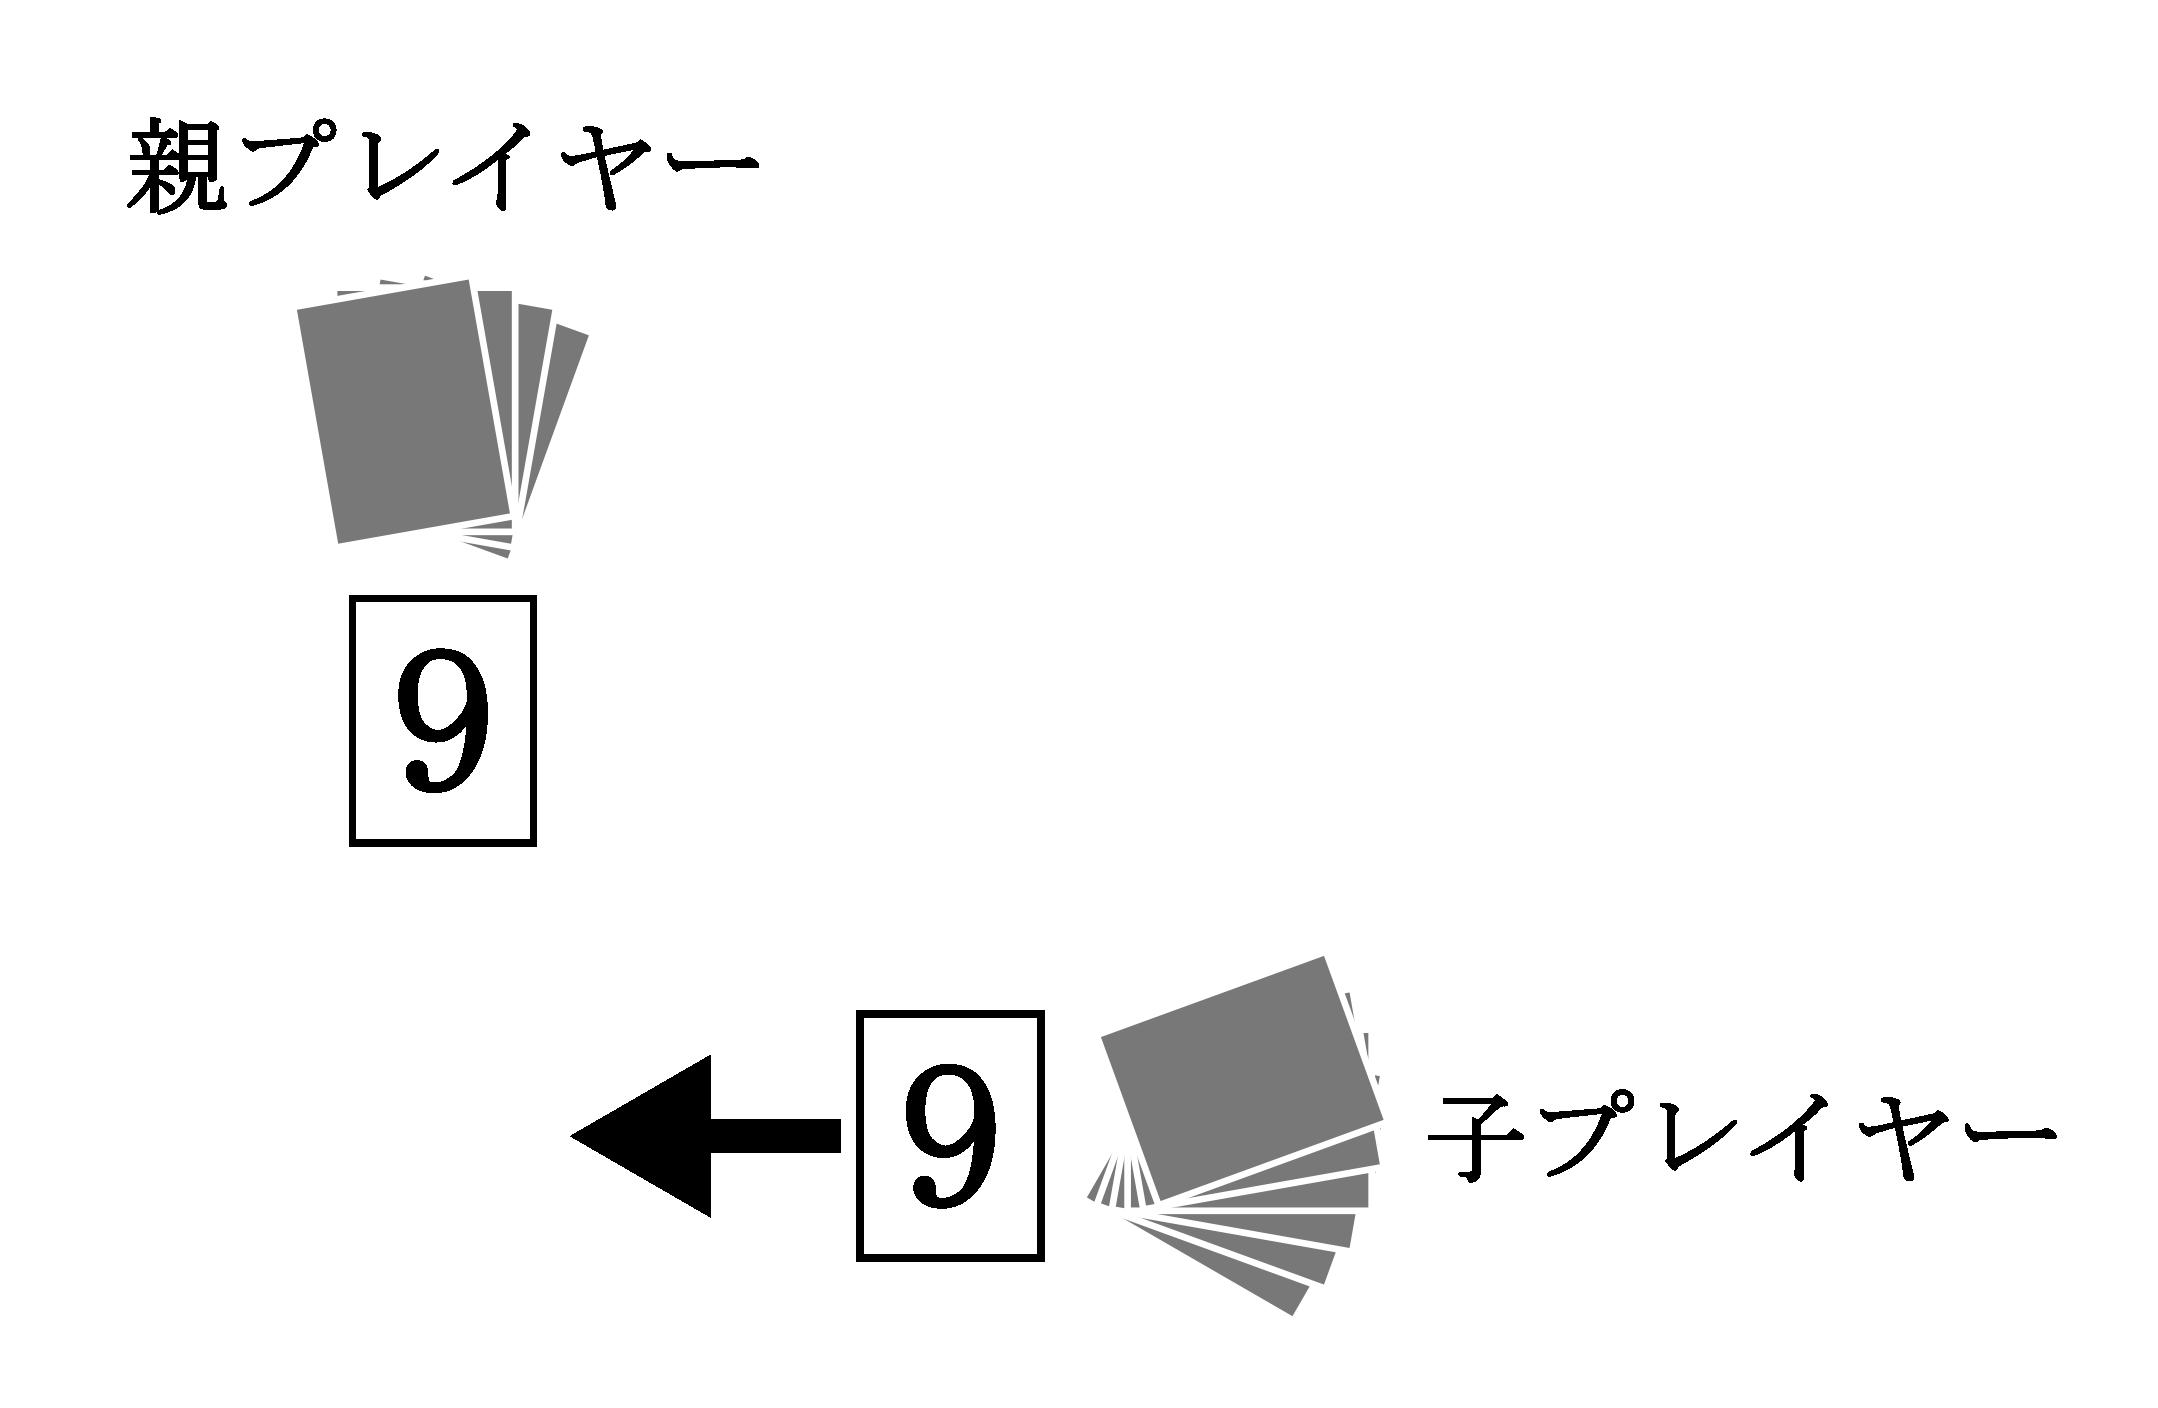 00メイクワンズプレイス_カードプレイフェイズ行動1